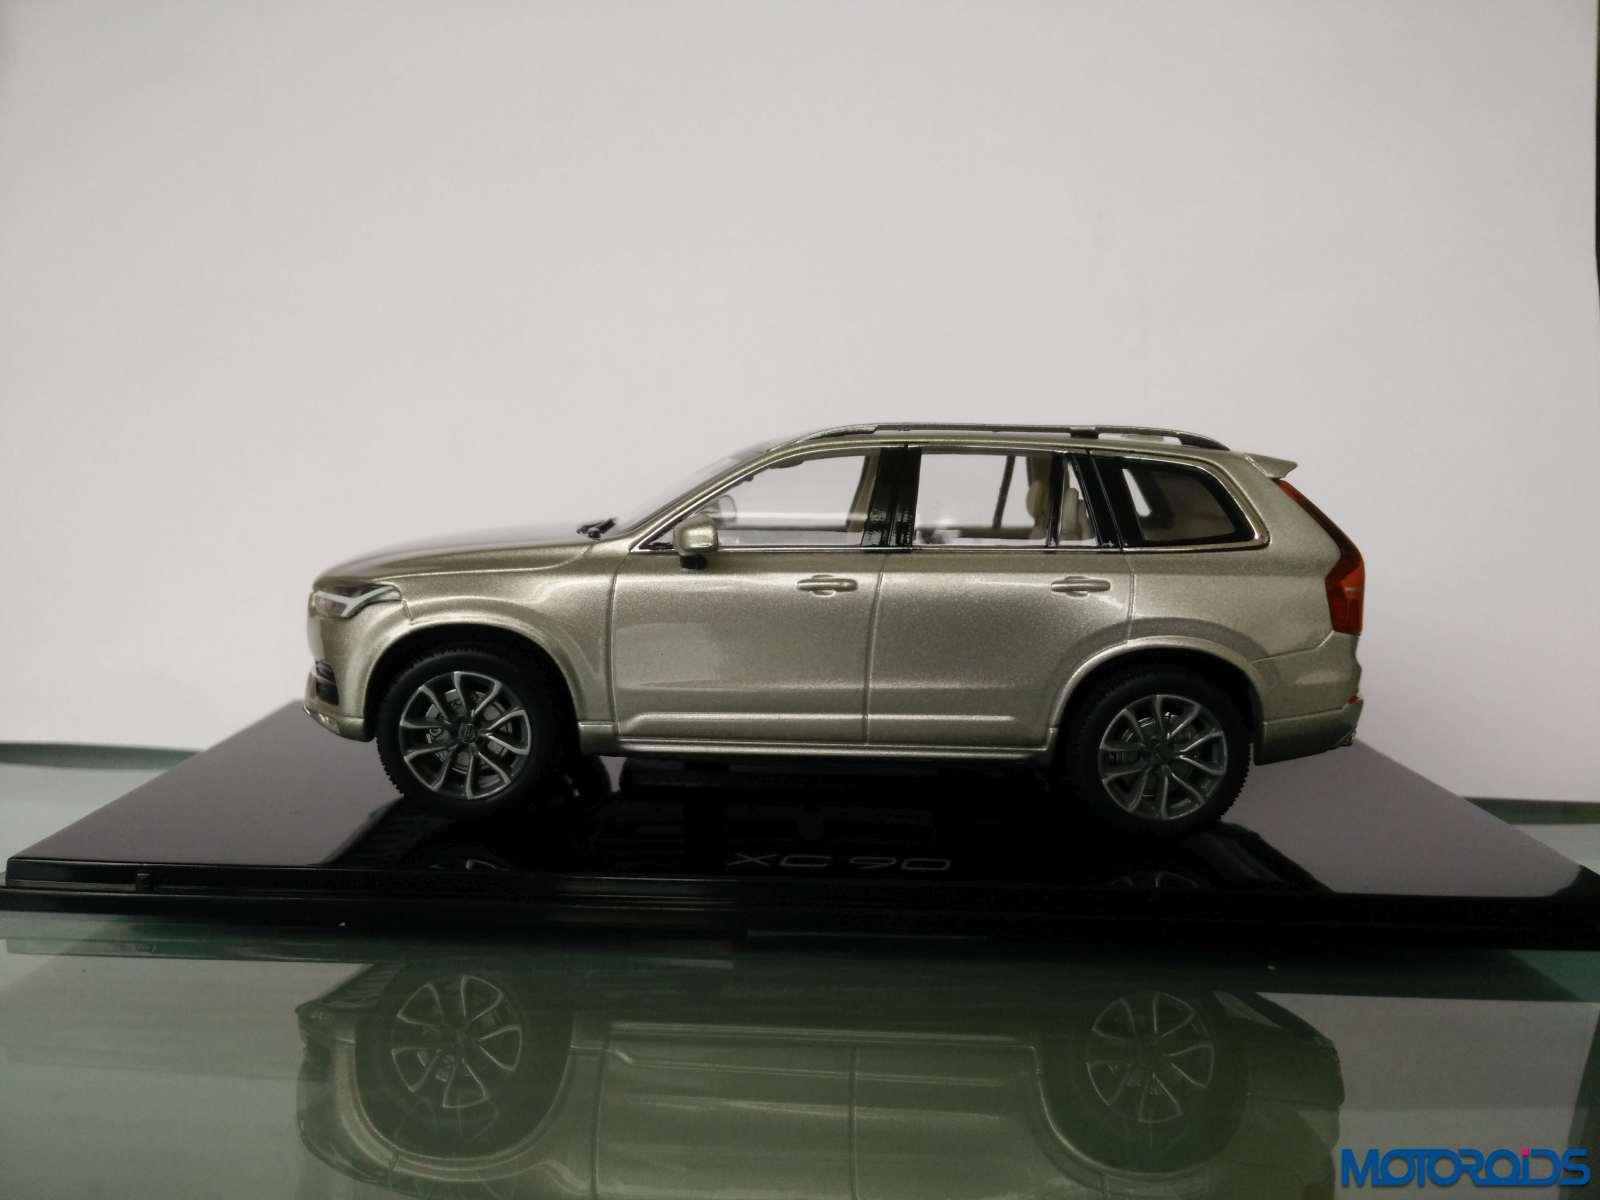 volvo-xc90-scale-model (1)